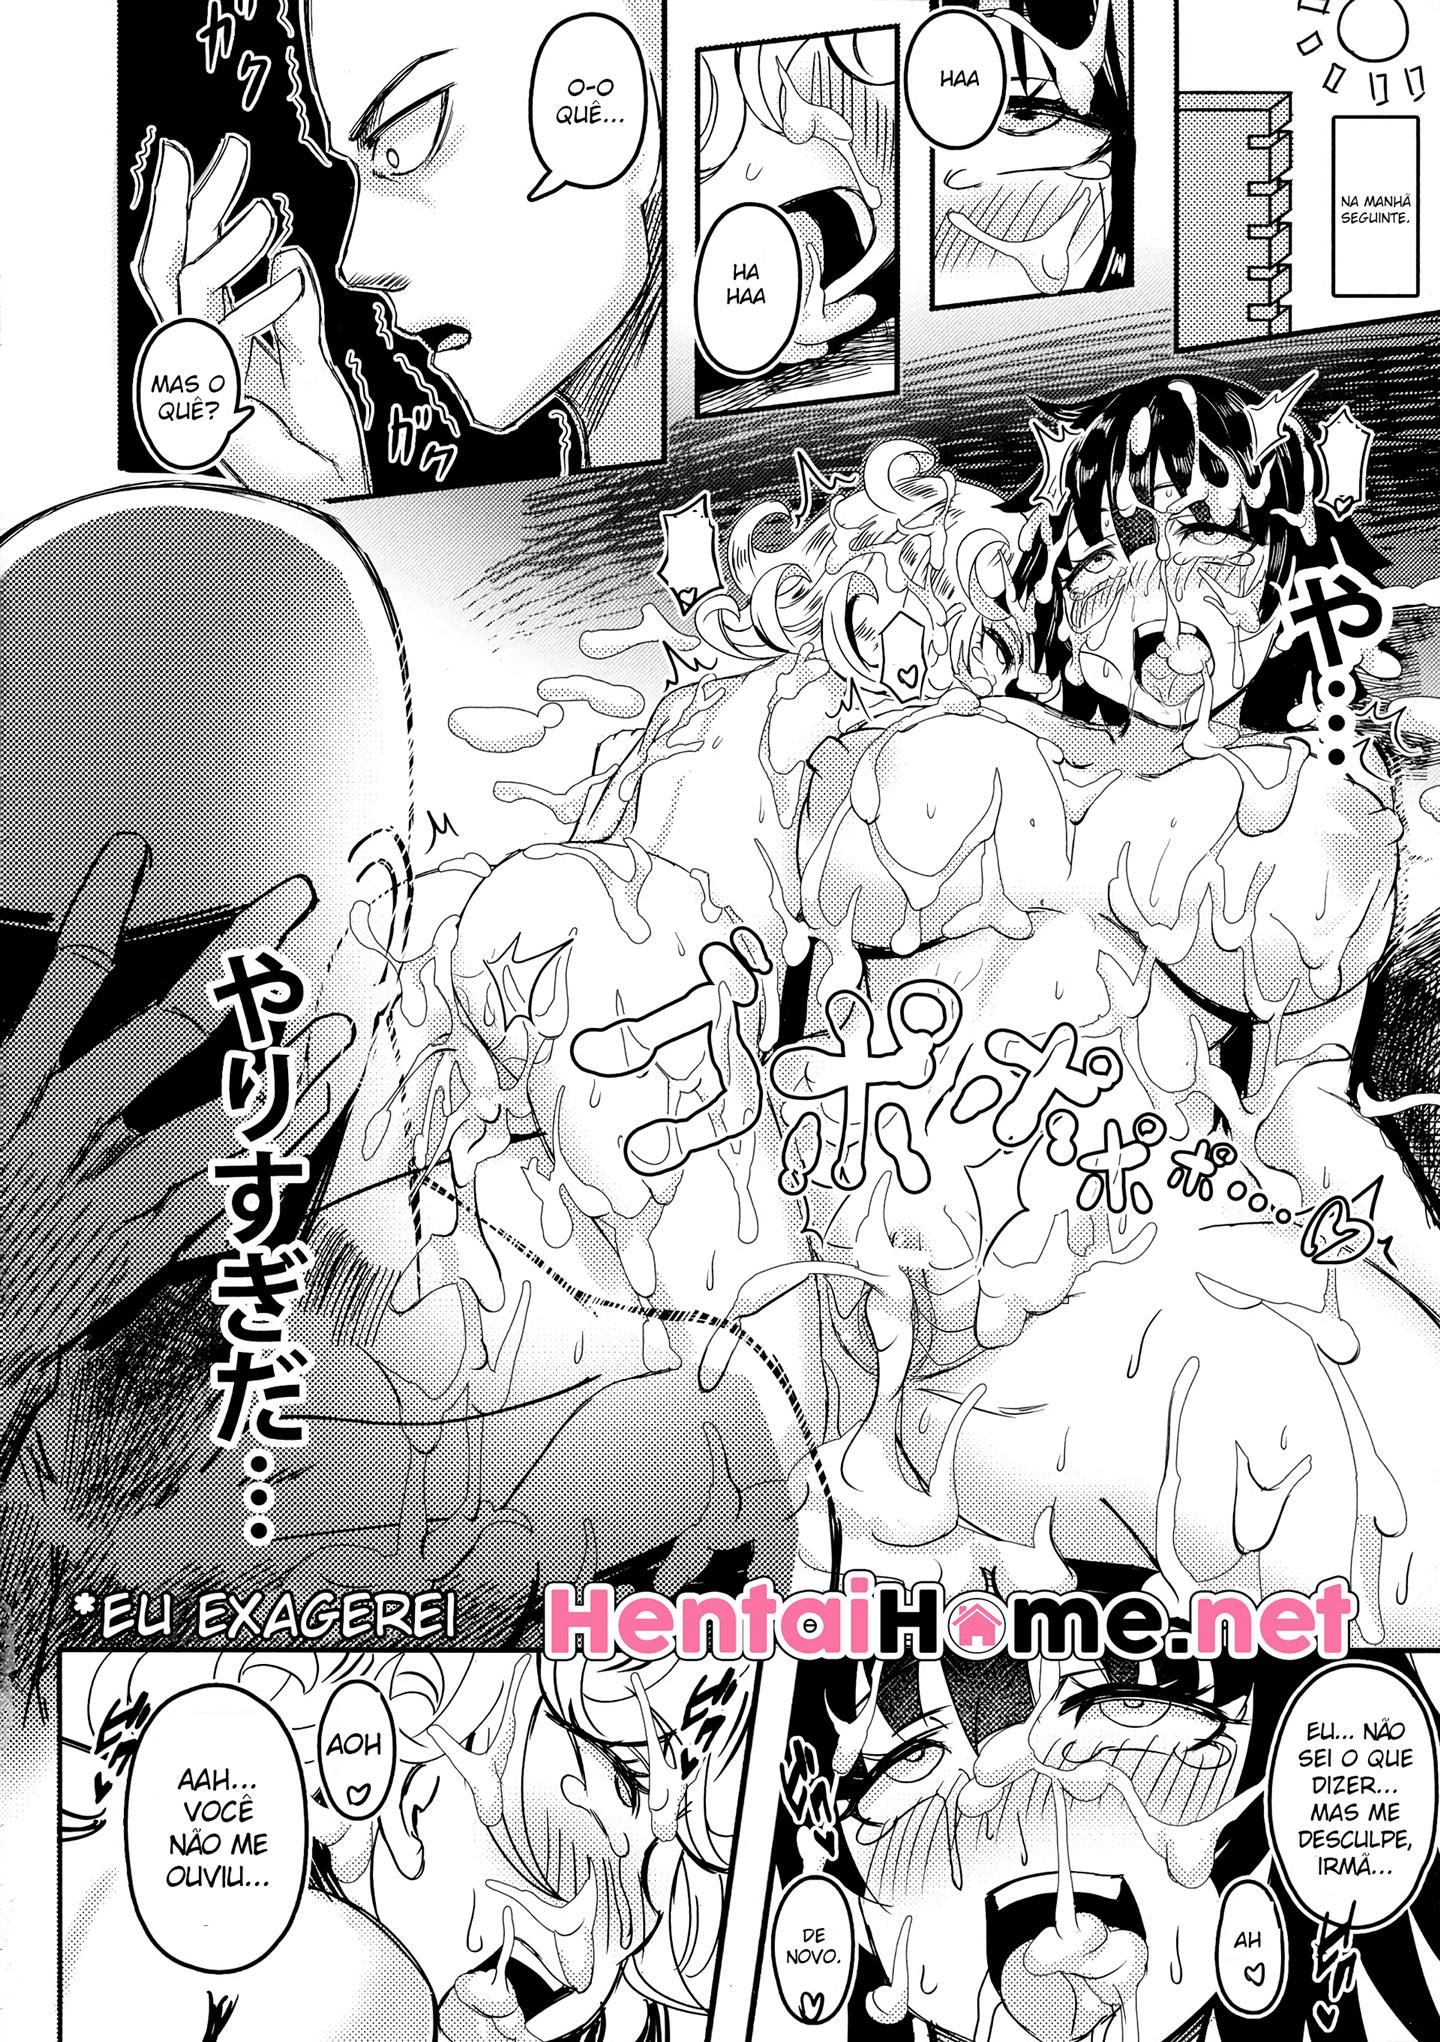 Fantasias eróticas do Saitama - Foto 23